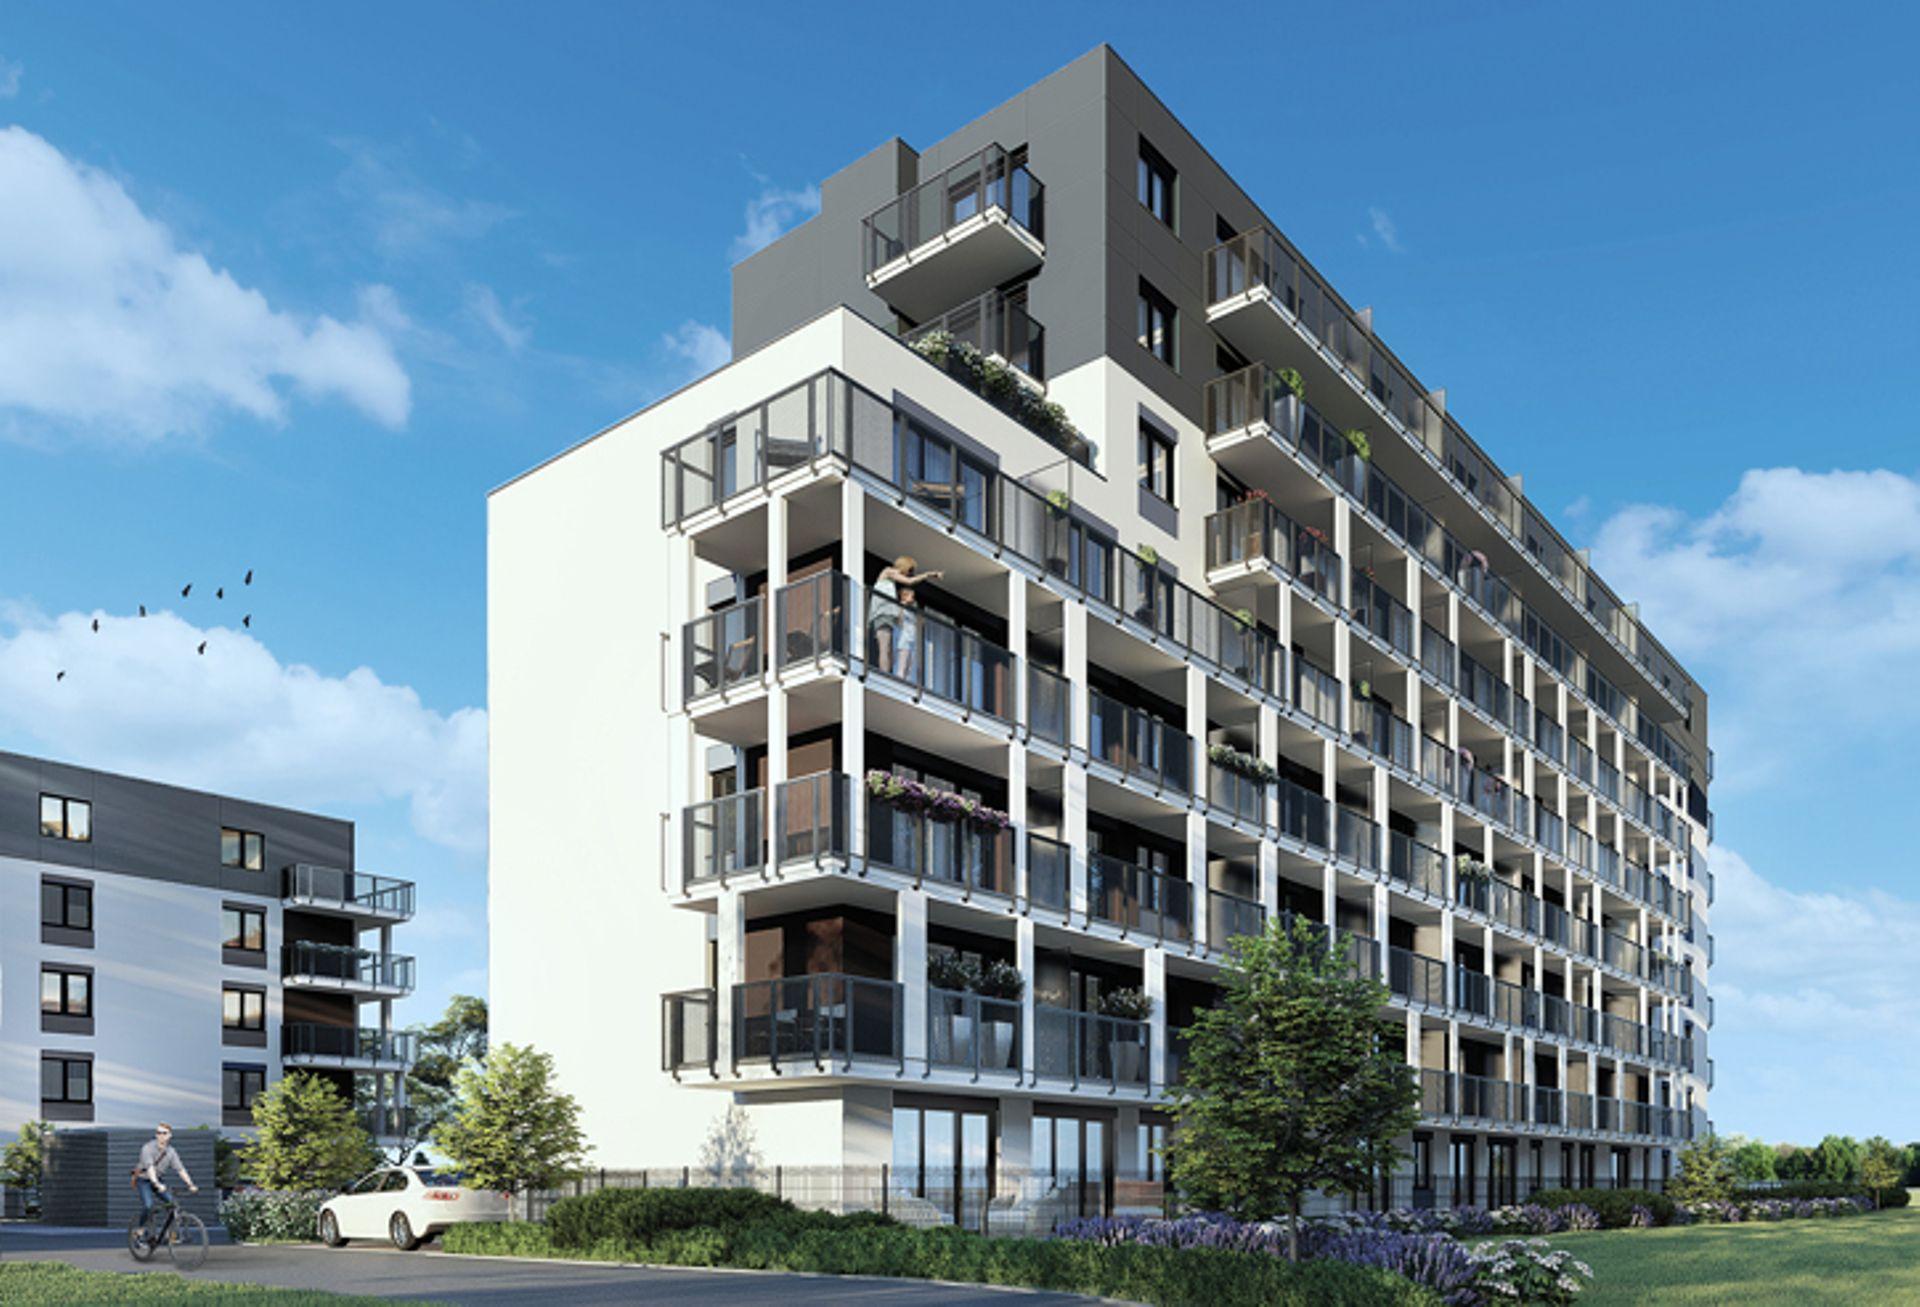 Ursus Factory – Victoria Dom rozbudowuje się na zachodzie Warszawy